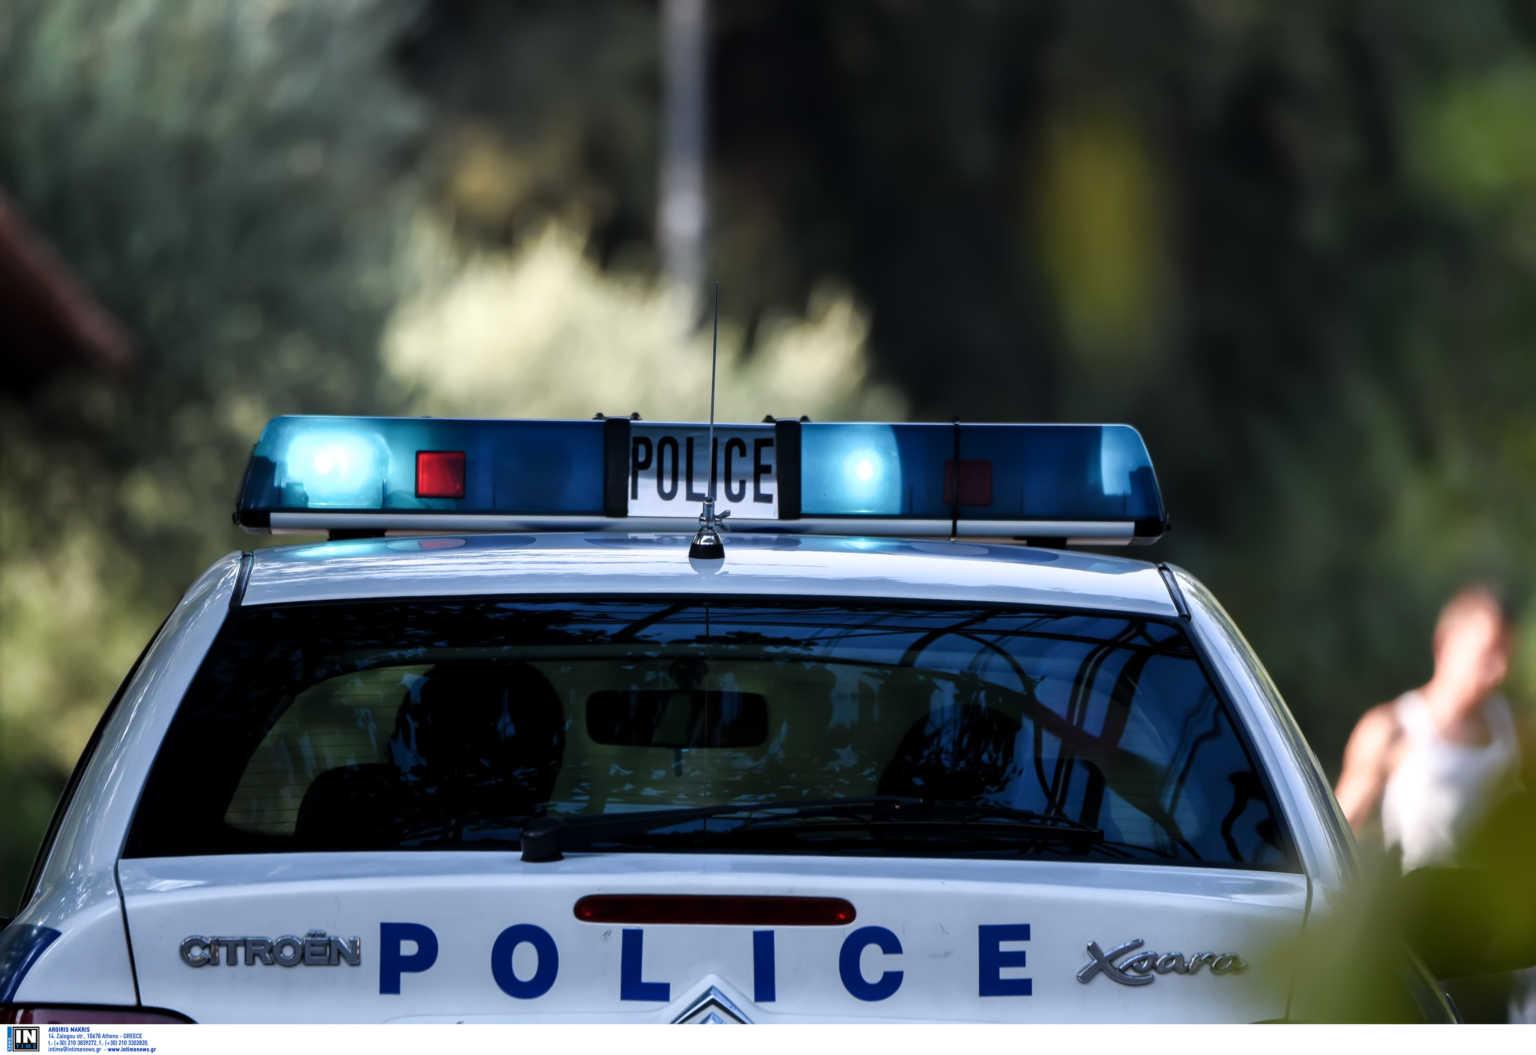 Ελεύθεροι οι ανήλικοι που φέρονται ως μέλη της «άγουρης συμμορίας» στην Αργυρούπολη